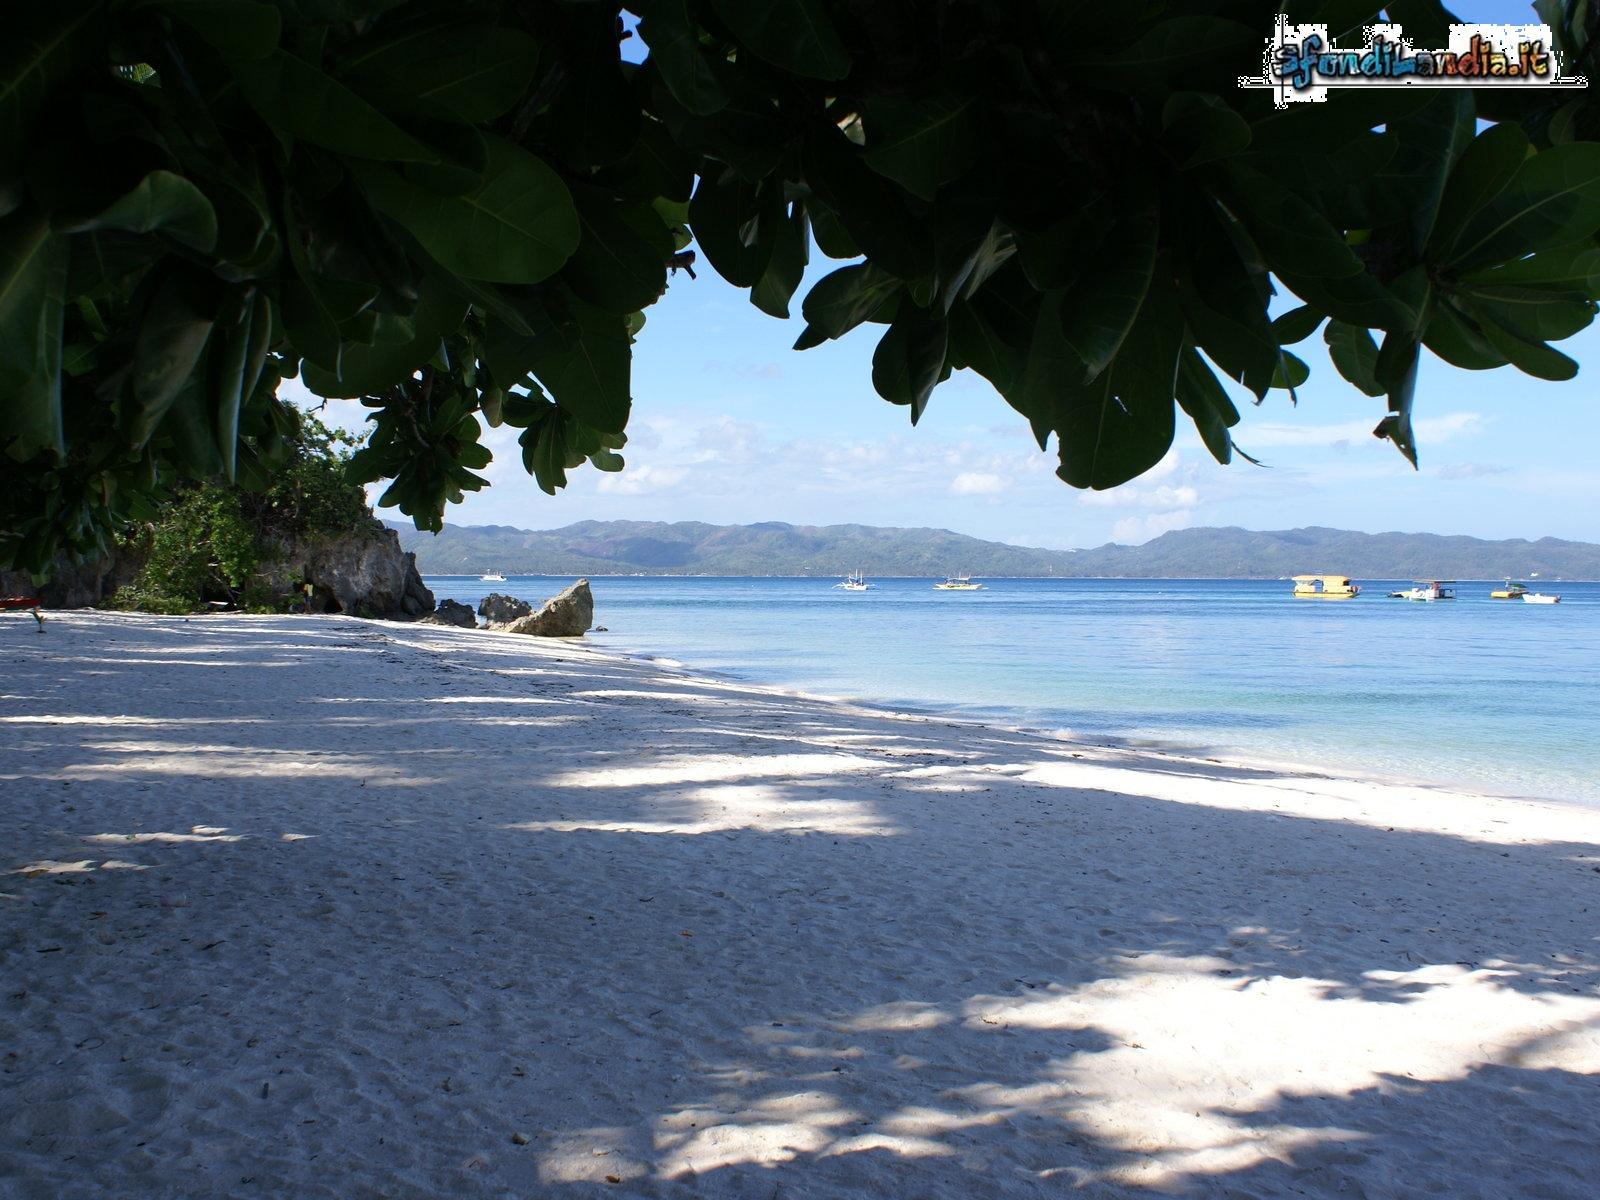 Sfondo gratis di spiaggia ombrata per for Sfondilandia mare